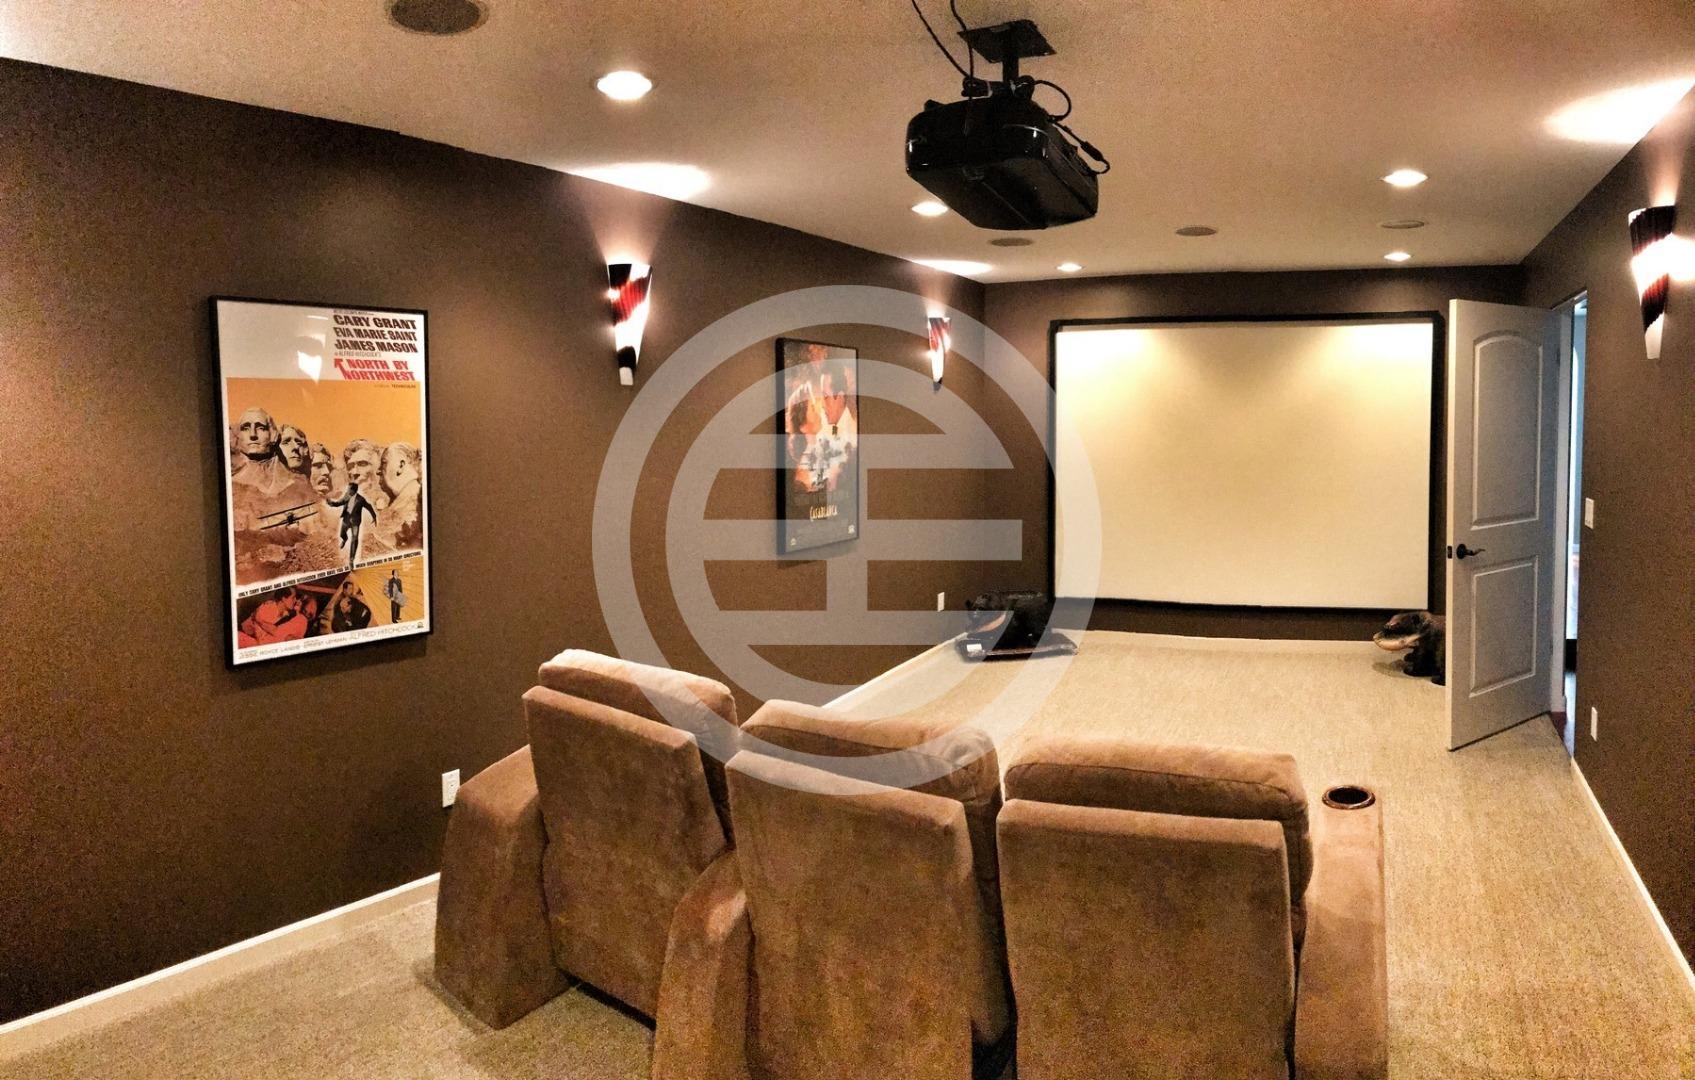 家庭影院配有120英寸屏幕